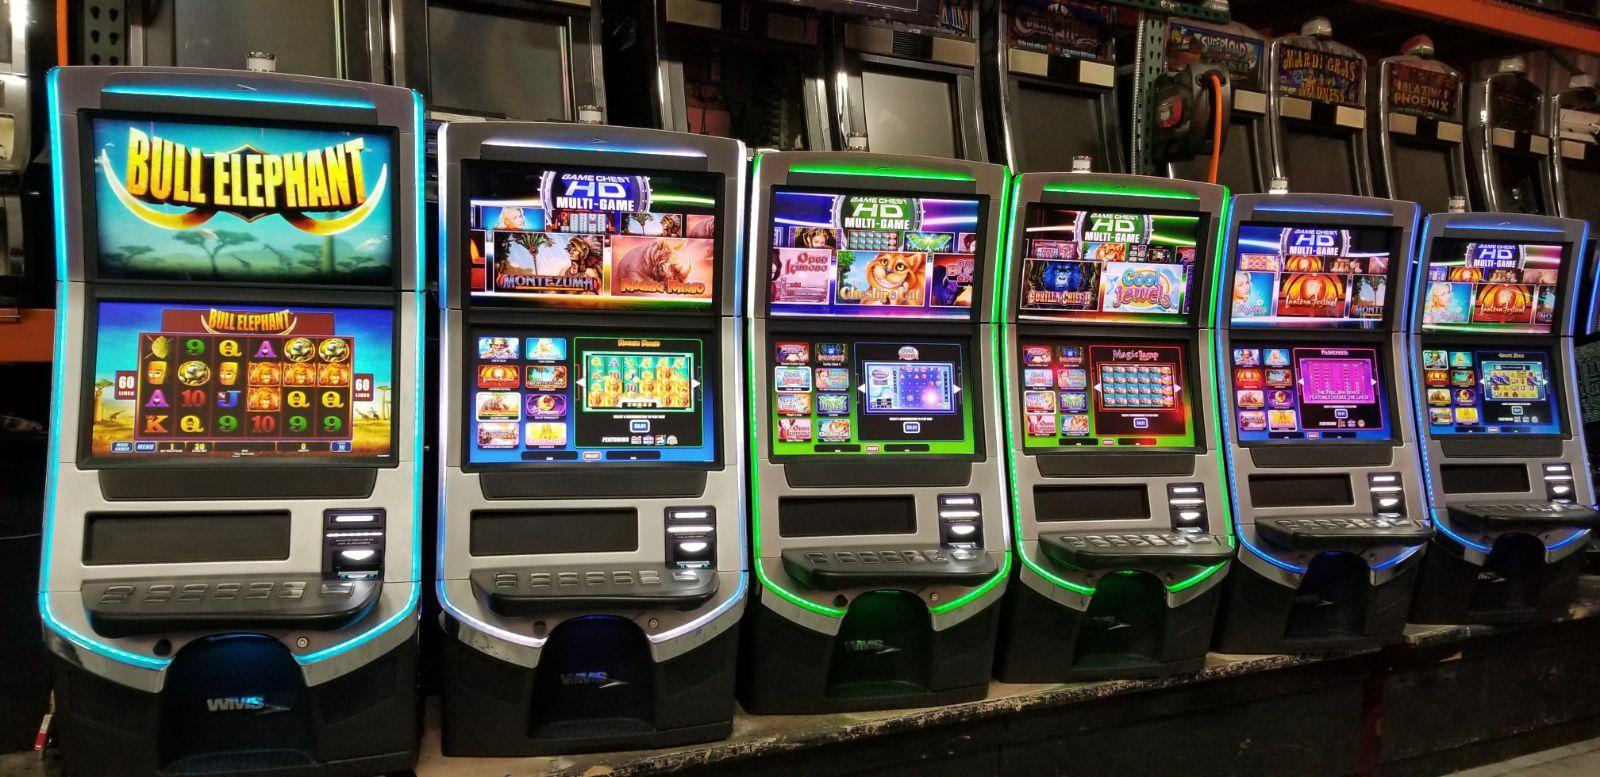 Slot Machines Unlimited Inc. | LinkedIn